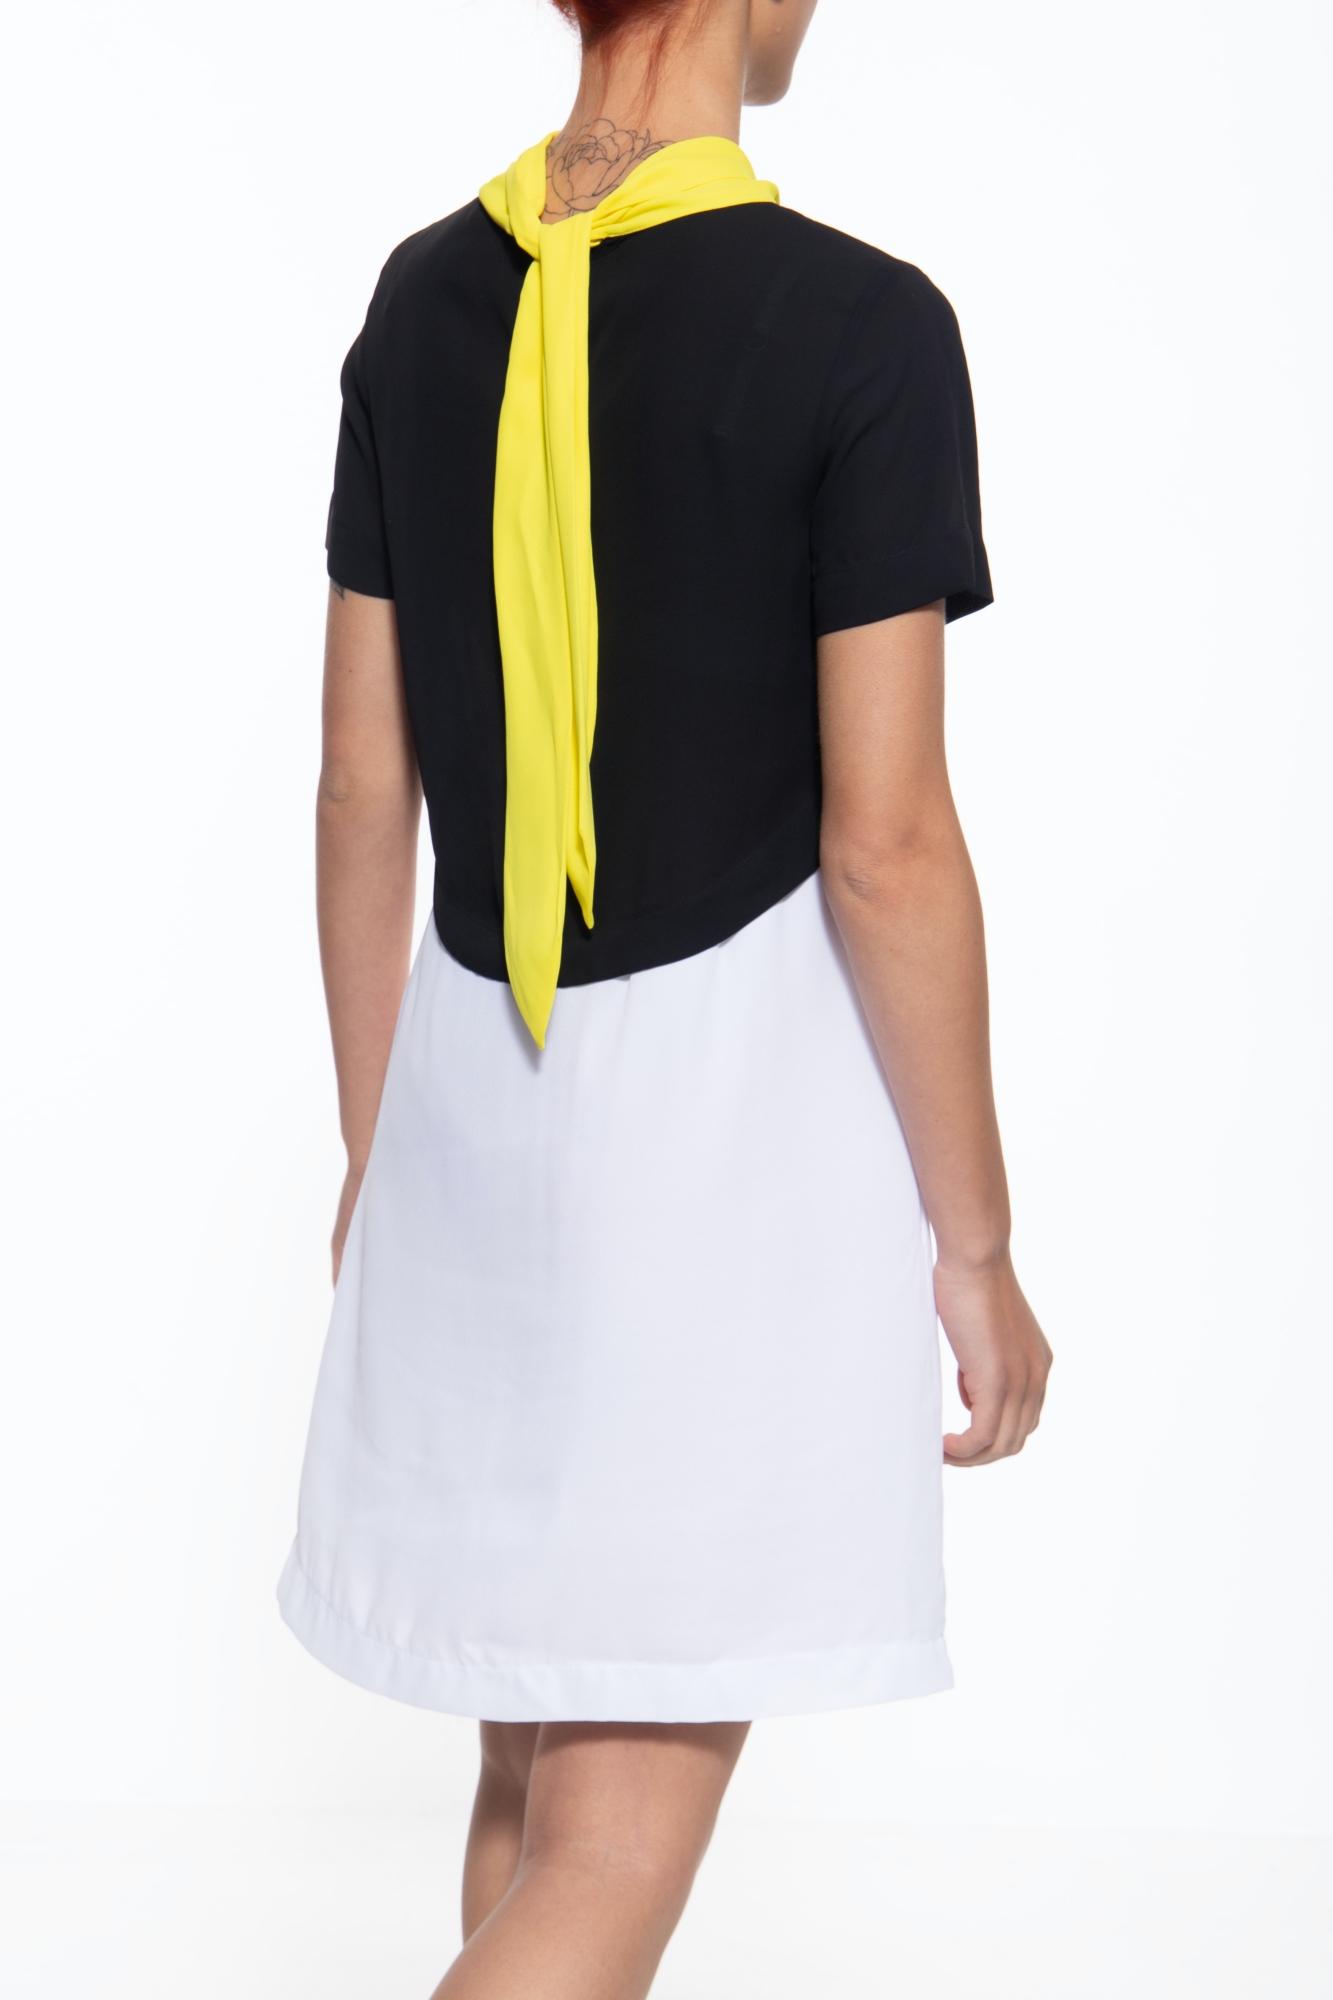 Mexx Leichtes Sommerkleid mit gerader Schnittform in mehrfarbig günstig kaufen